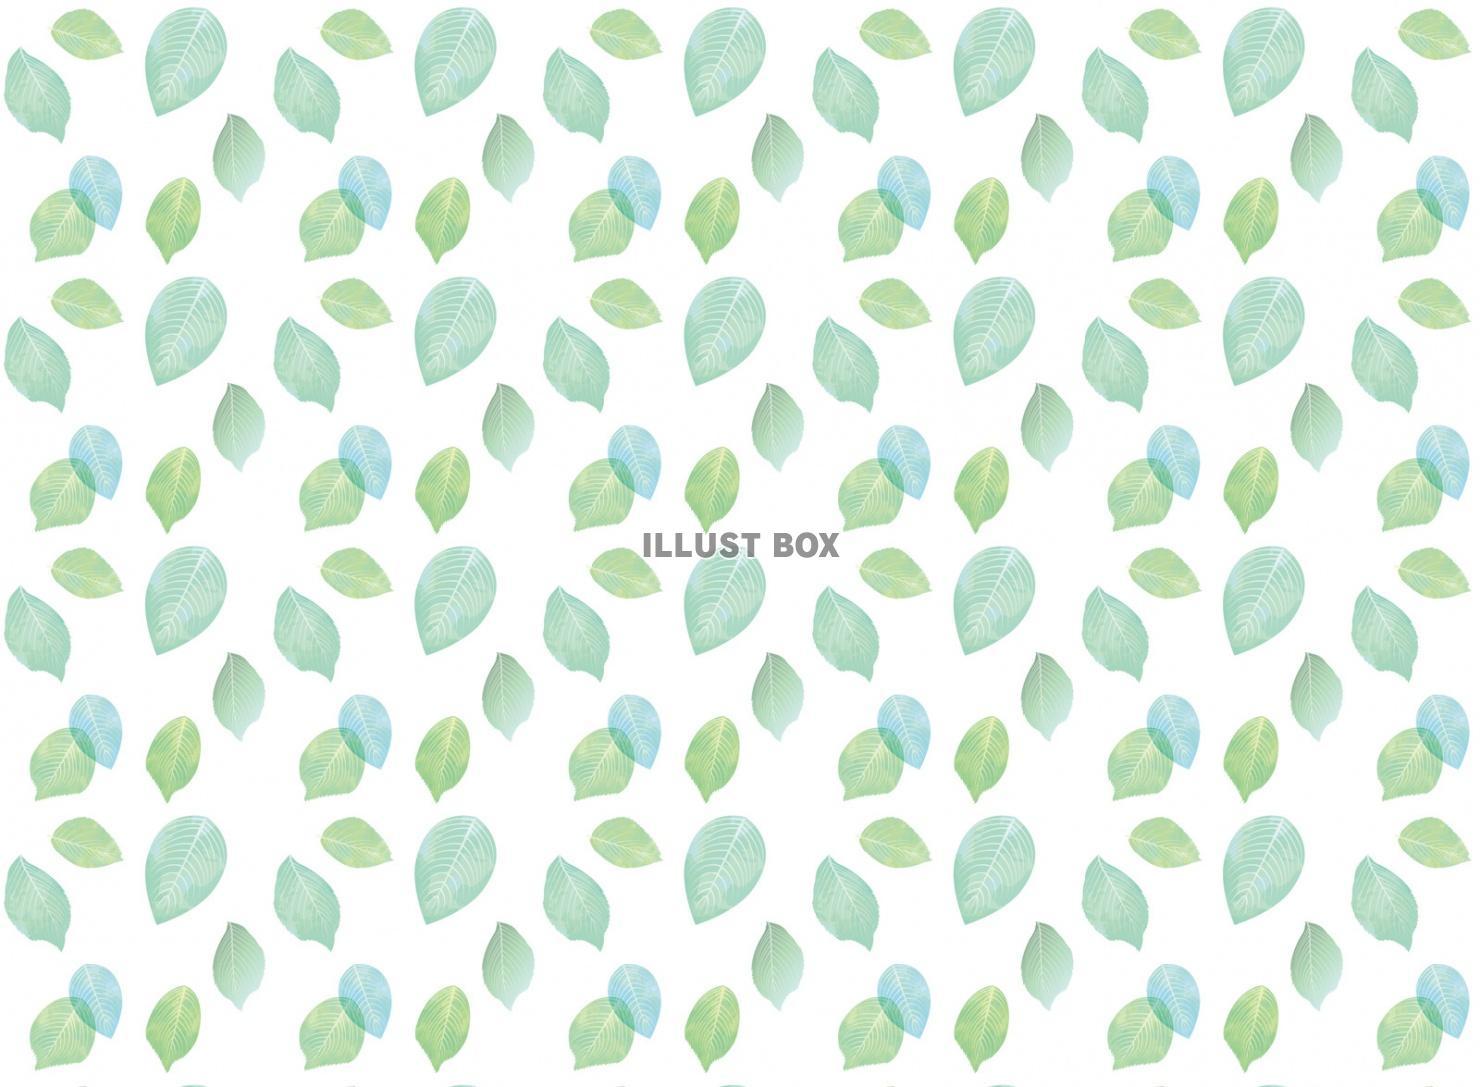 無料イラスト 葉 スウォッチ 葉っぱ 緑 背景 壁紙 植物 水彩 春 手書